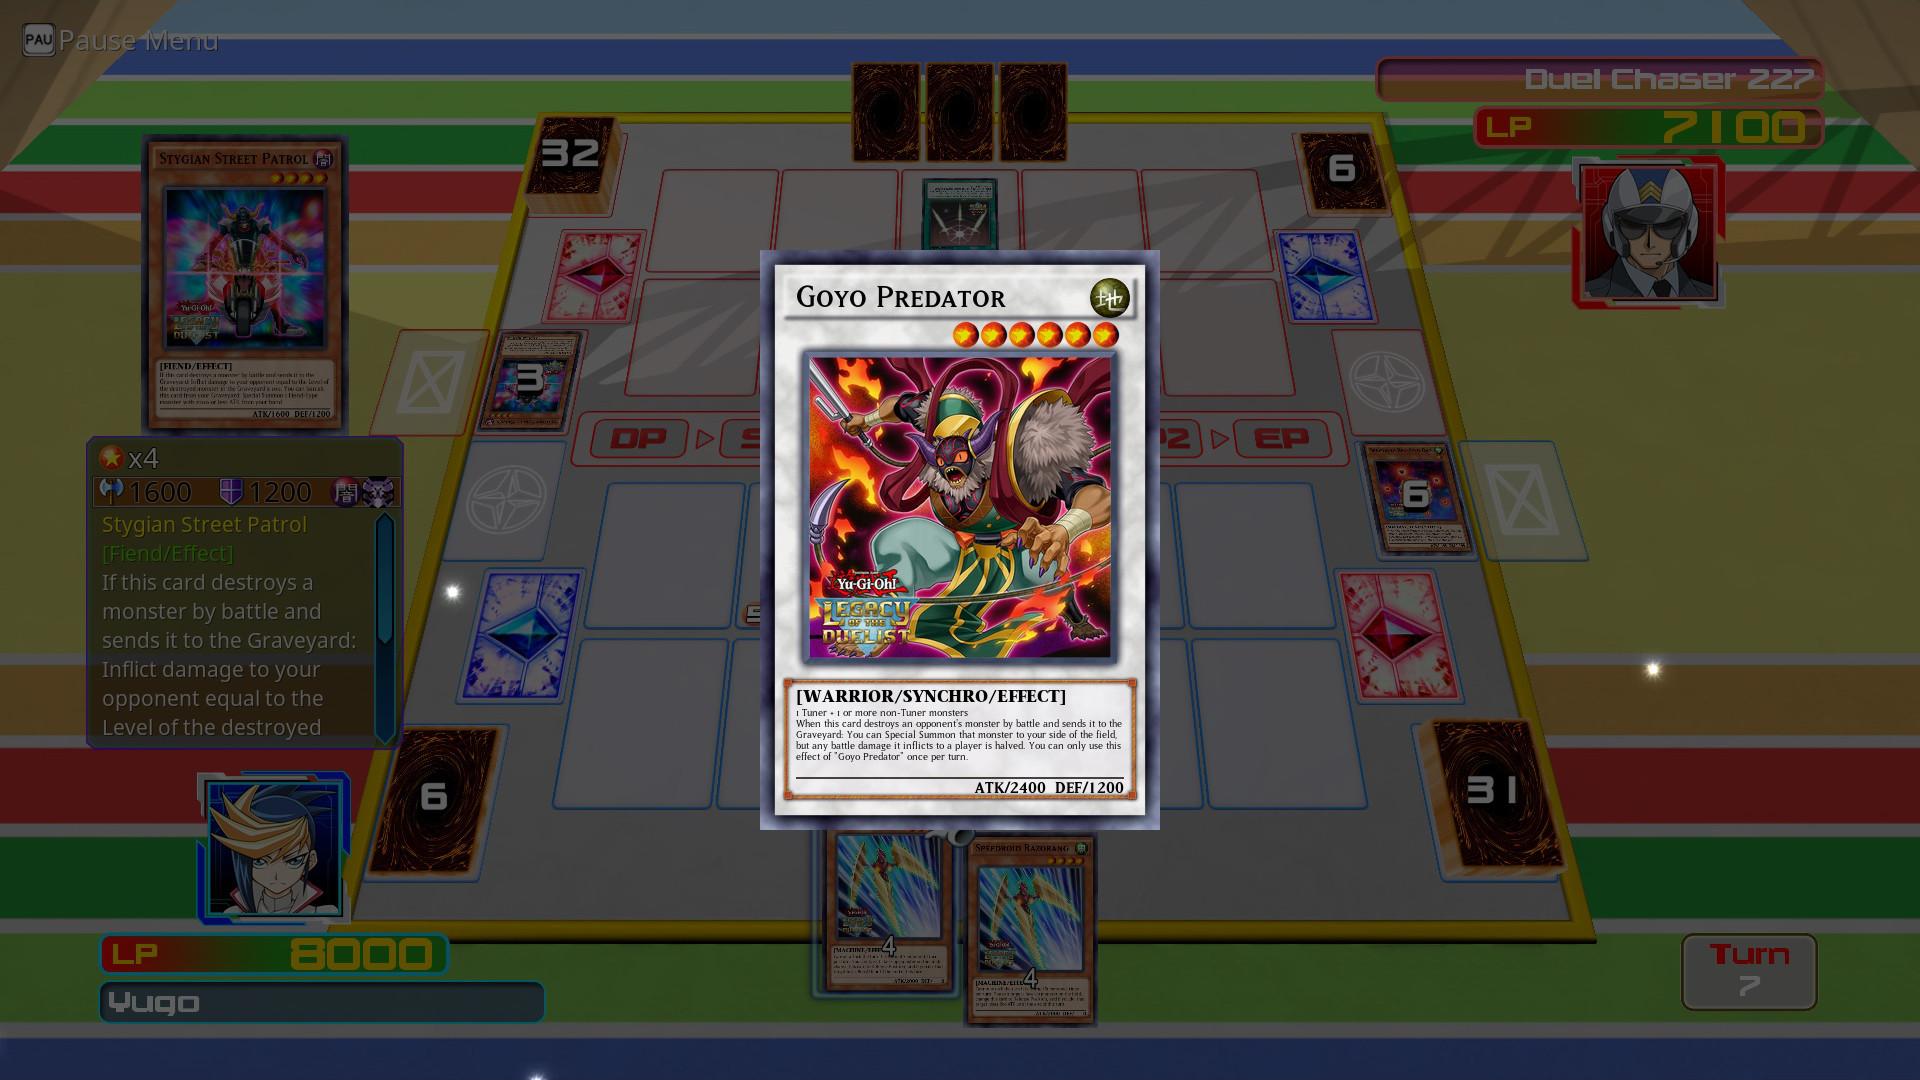 Yu-Gi-Oh! ARC-V: Yugo's Synchro Dimension (US) | NCSA (ebd62a6d-4bce-4a9f-8bbd-8579b7265a21)